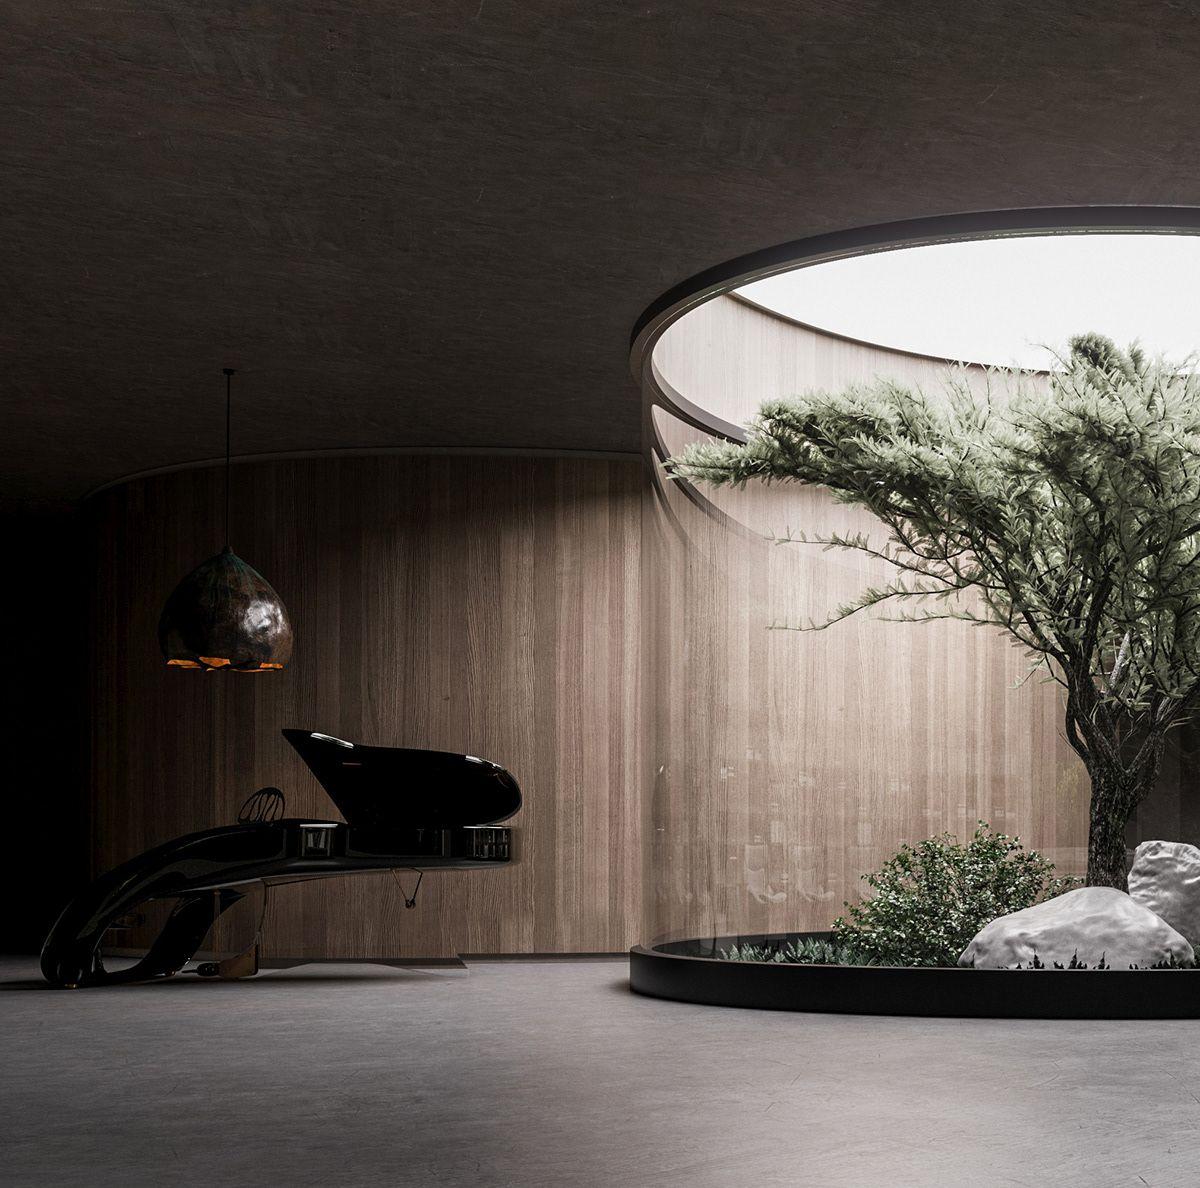 Underground House Plan B On Behance Underground Homes Underground House Plans Bunker Home